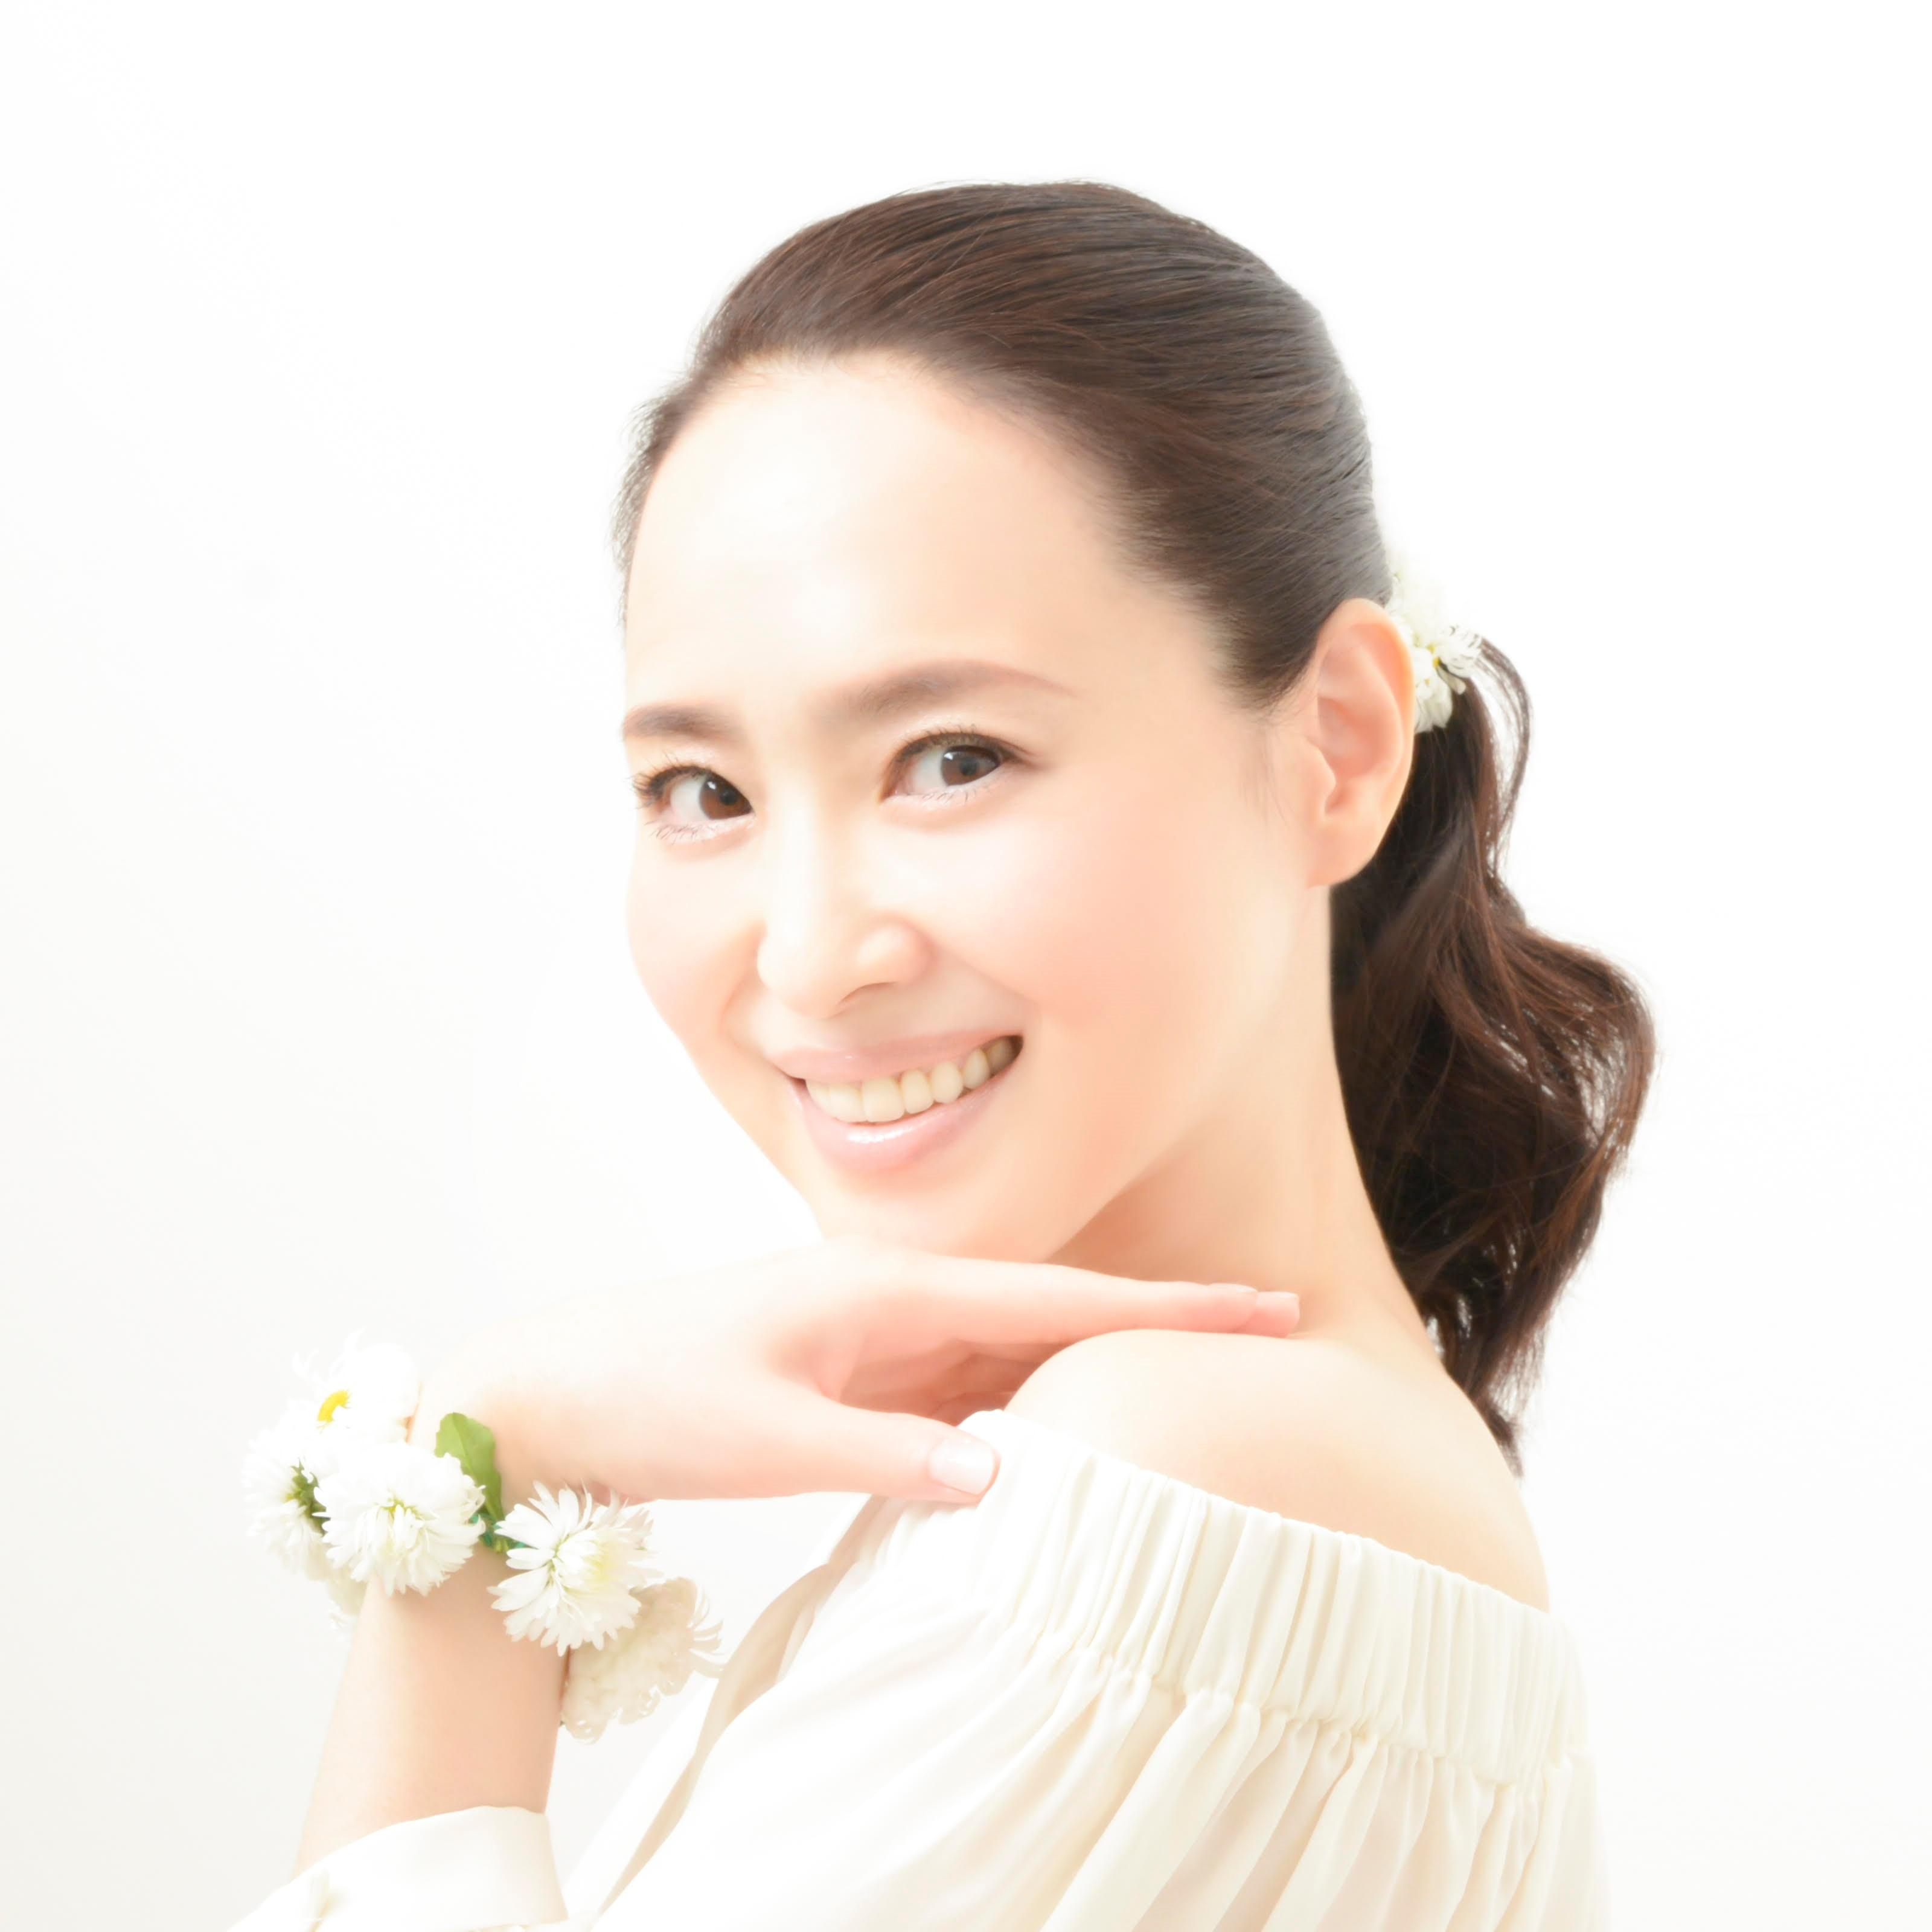 松田聖子 写真(0502)